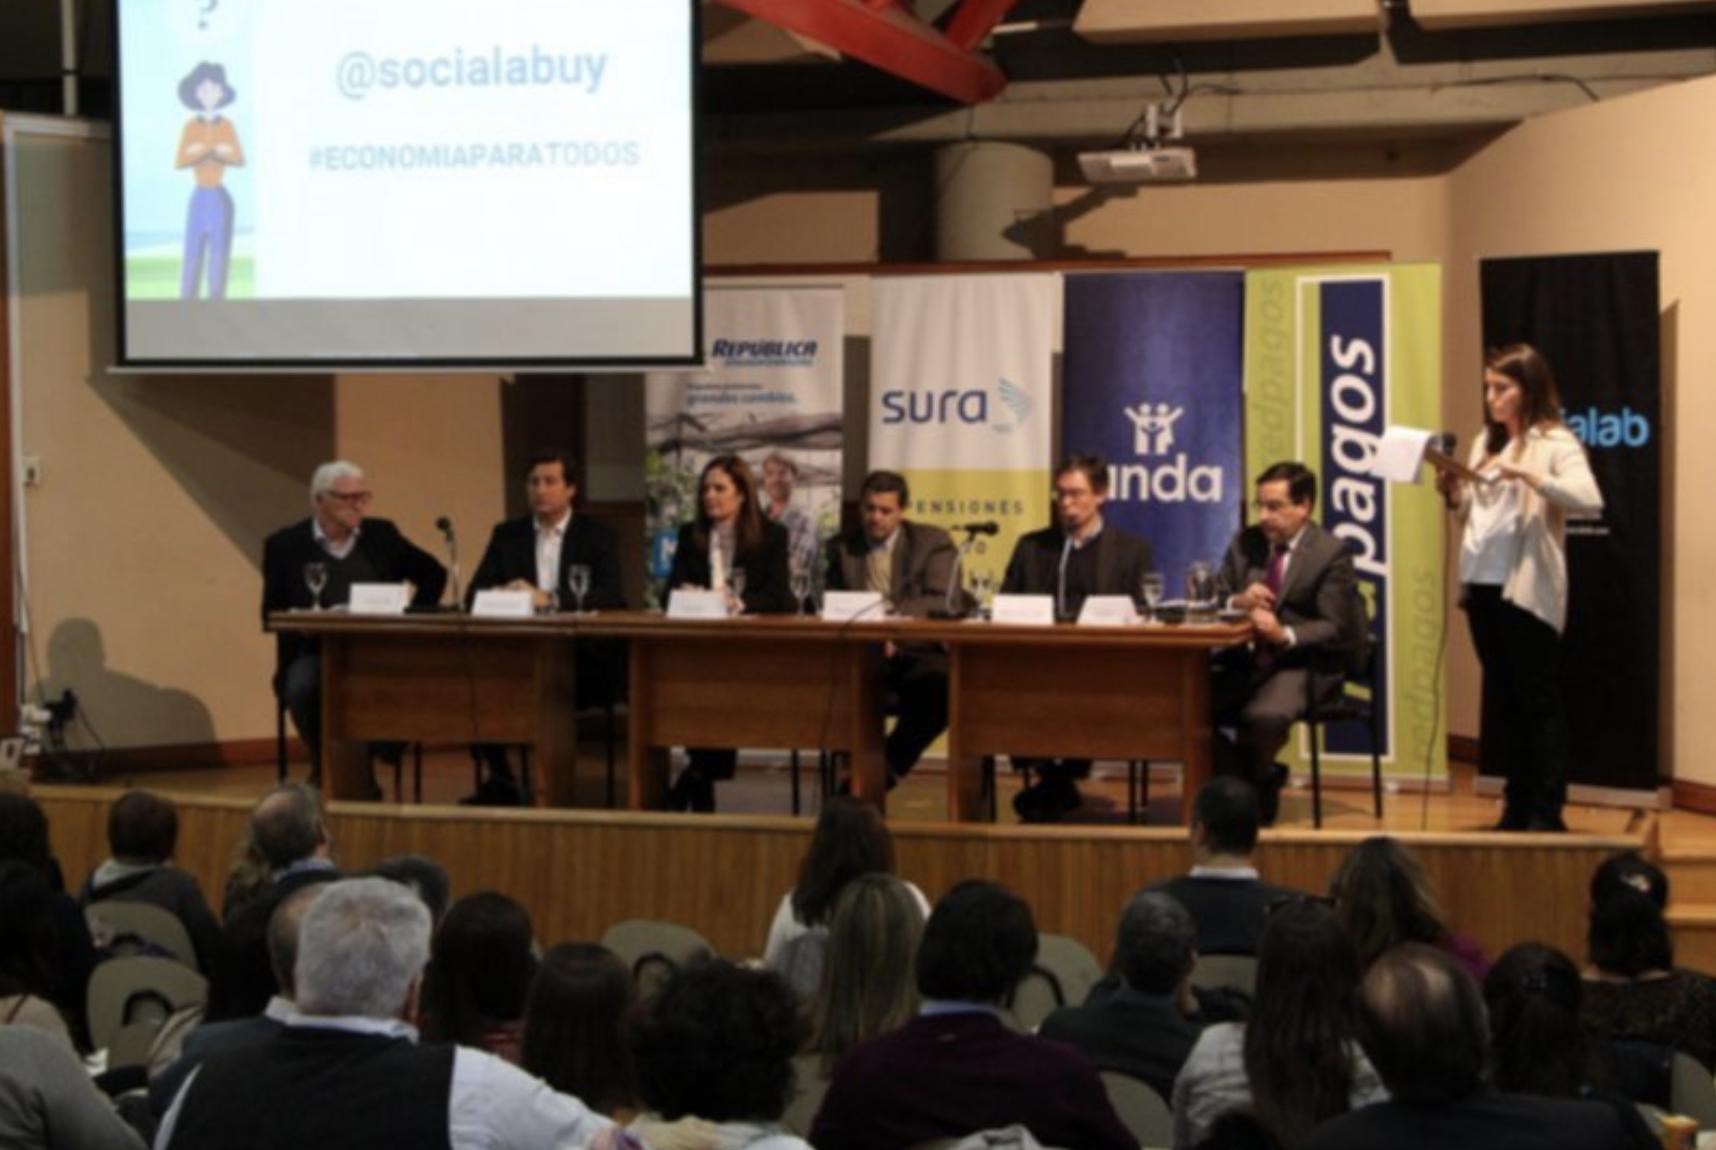 Socialab desafía a emprender en inclusión financiera -